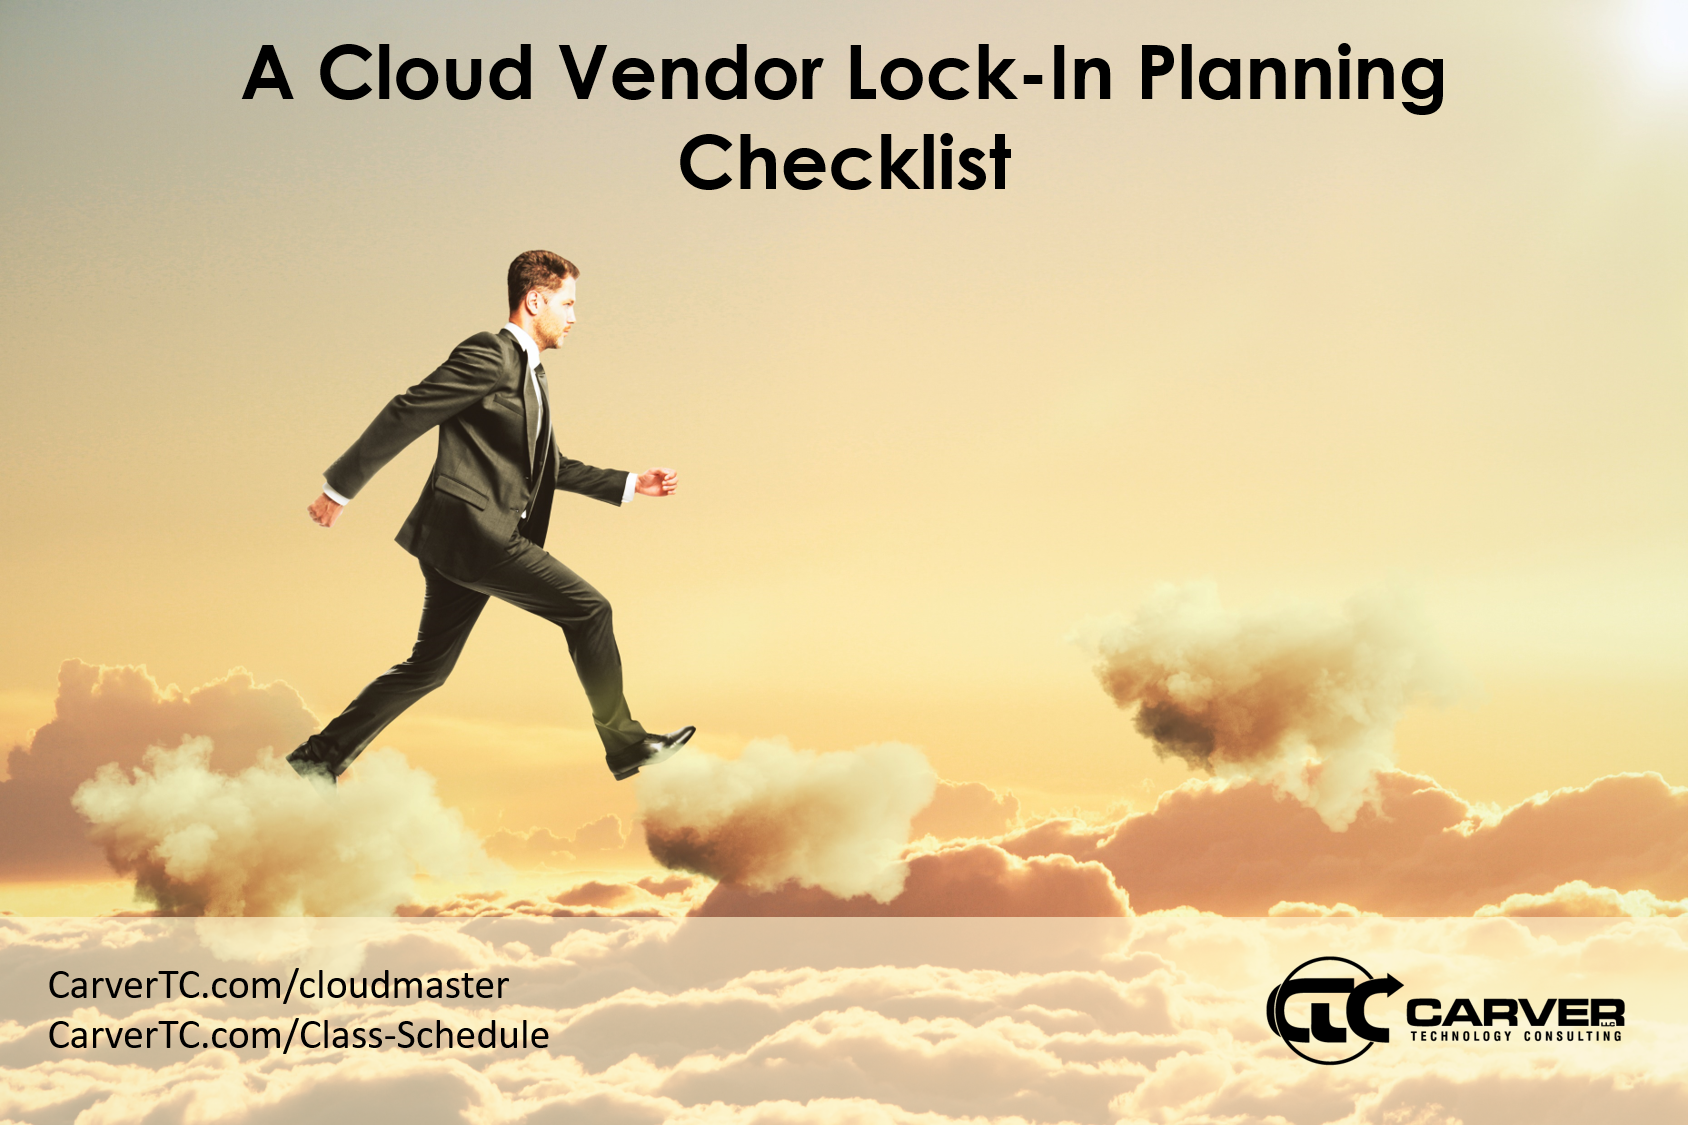 CloudVendorLockInCheckList-1.png